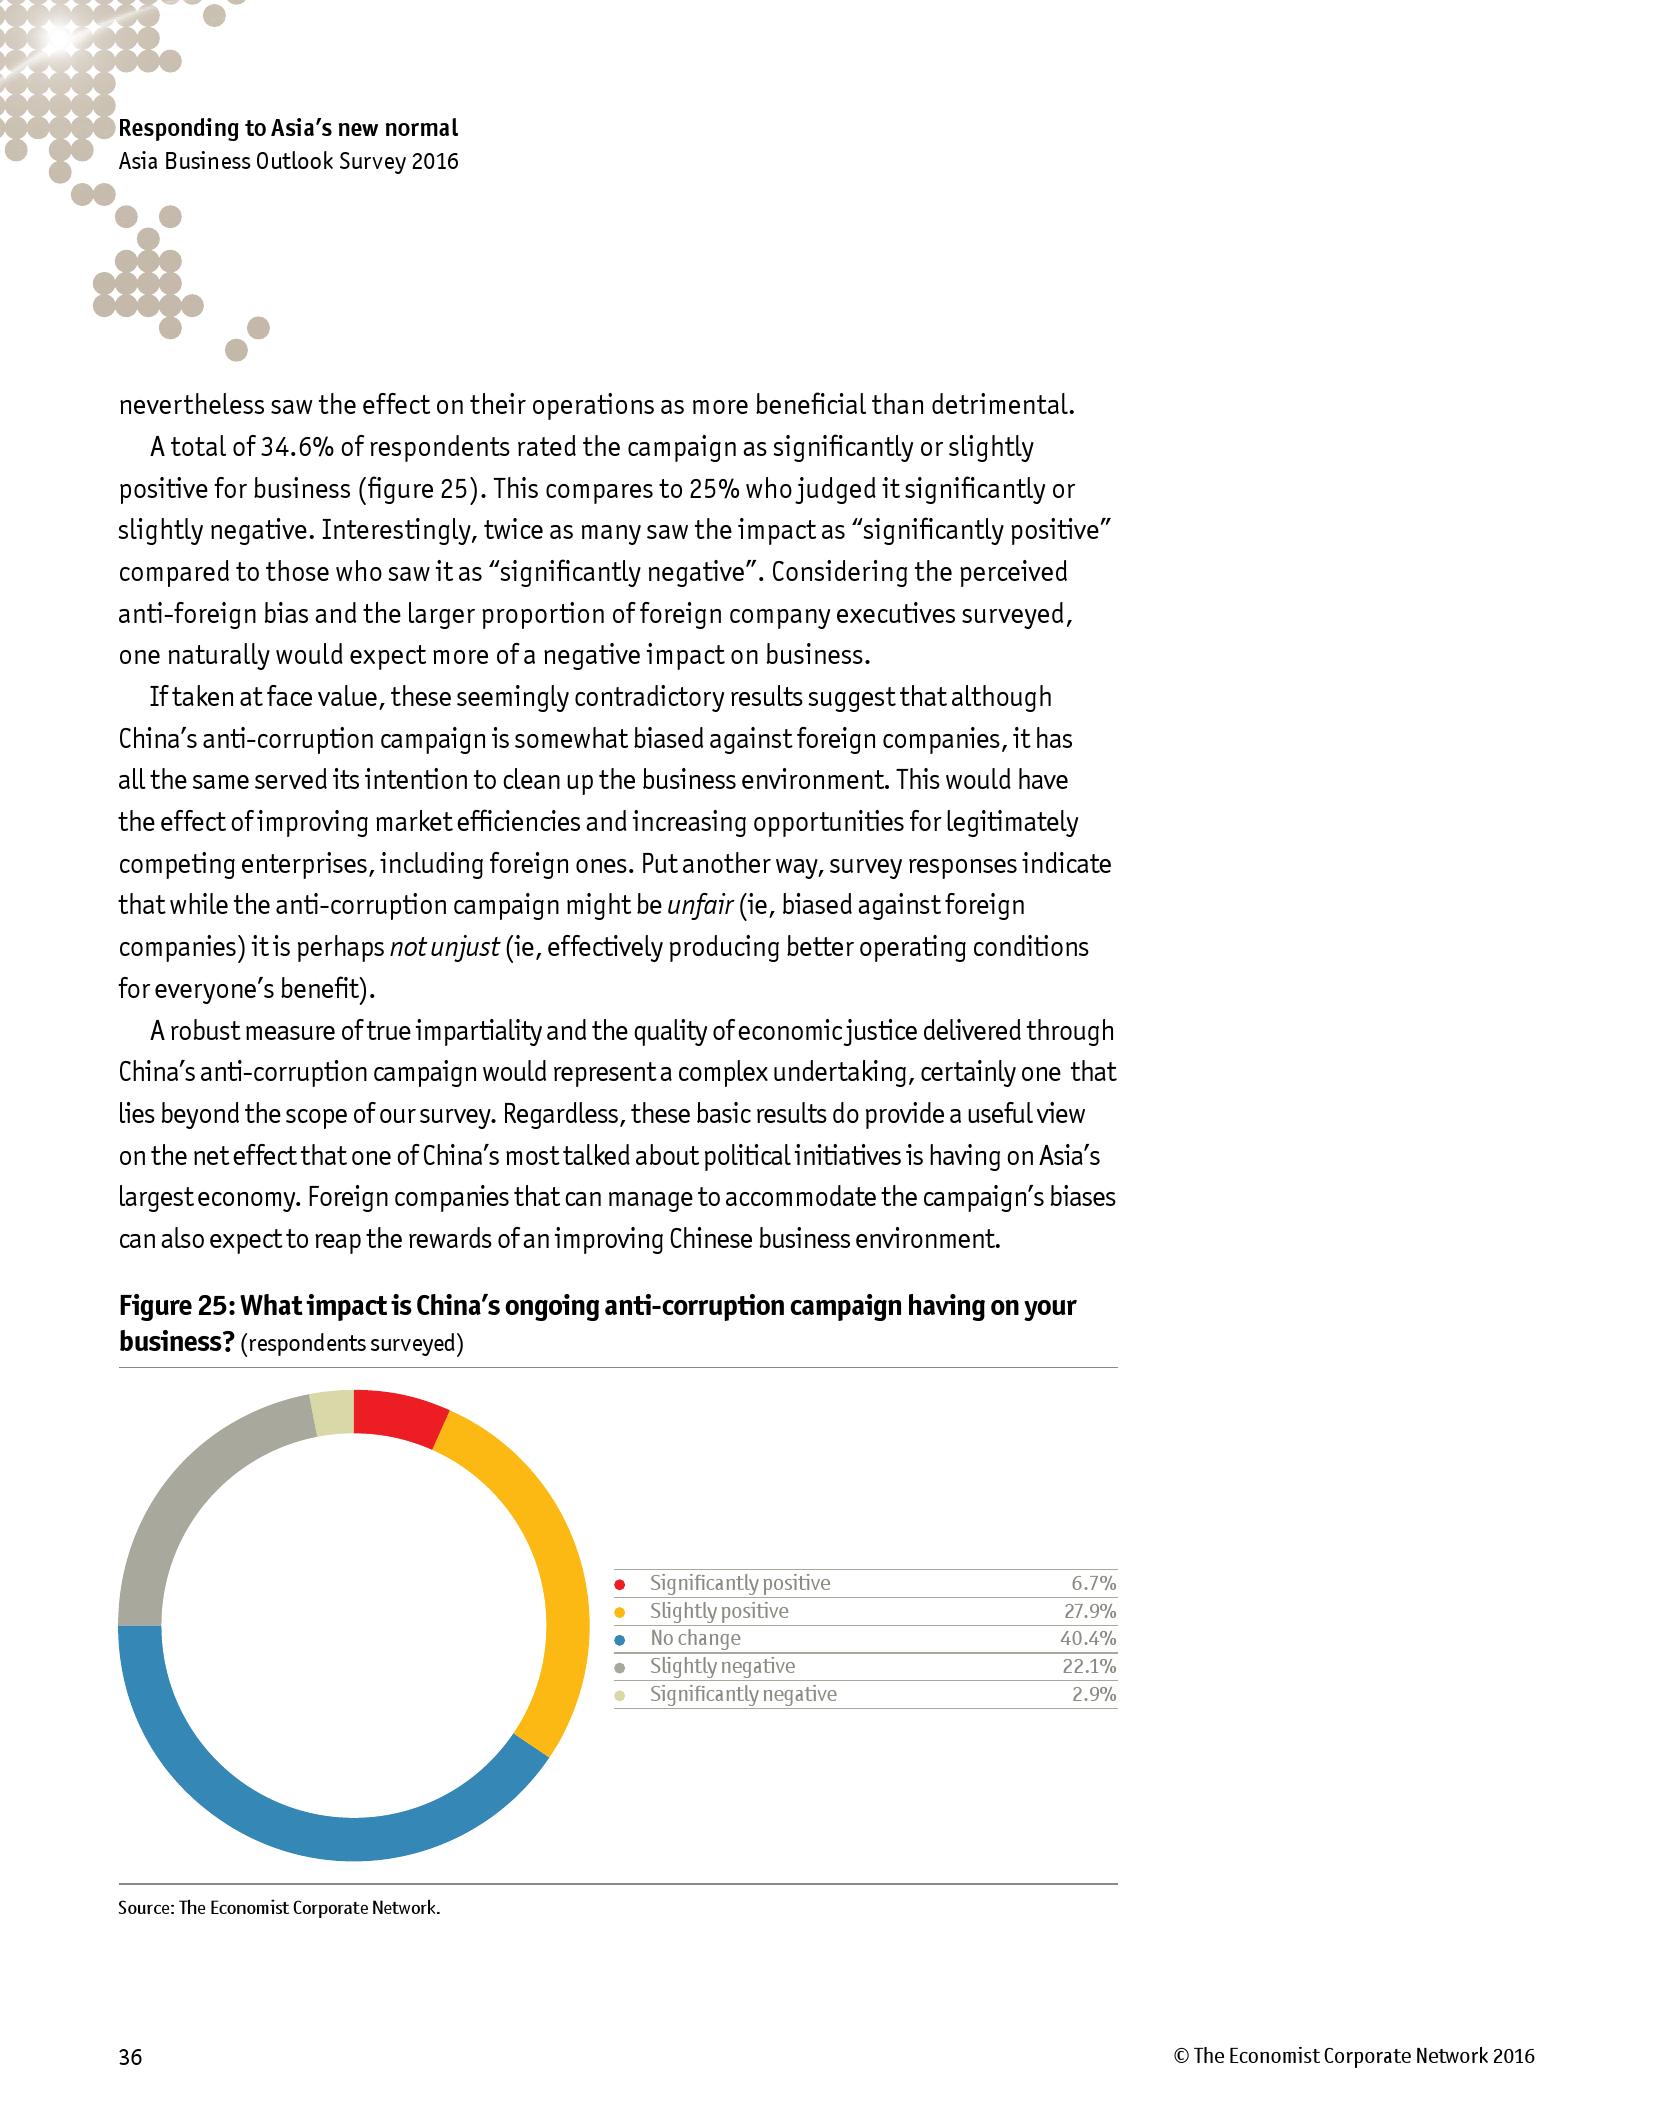 2016年亚洲商业展望调查报告_000038